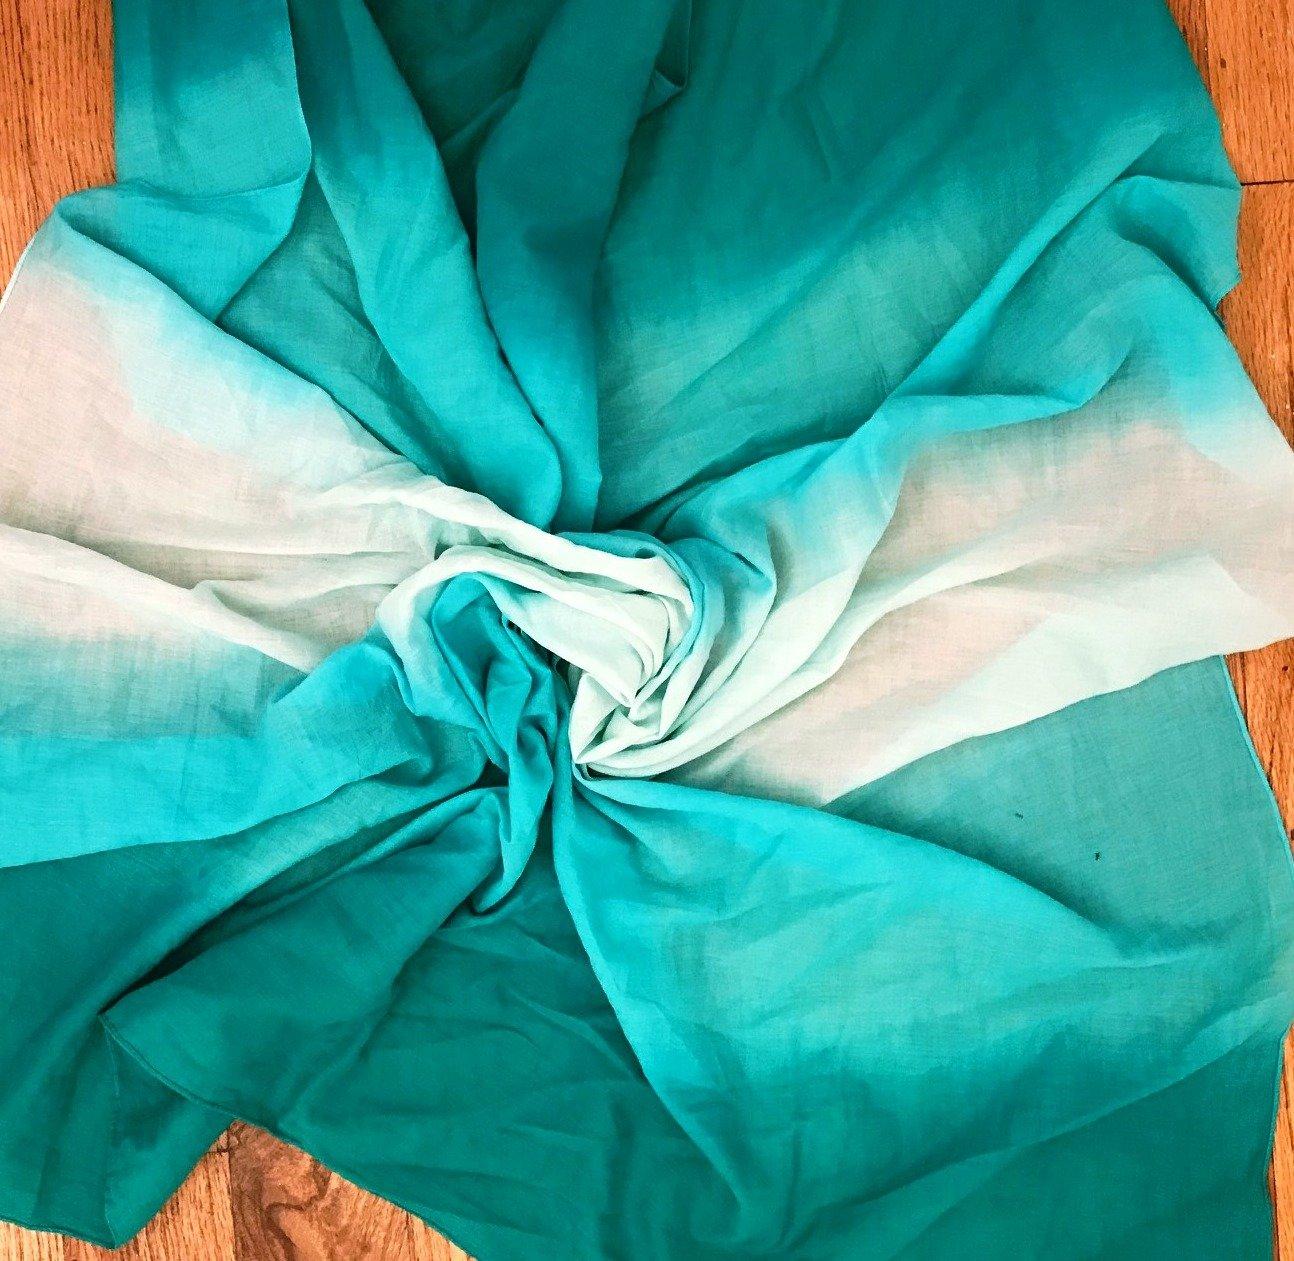 Sea green cotton ombre' tichel